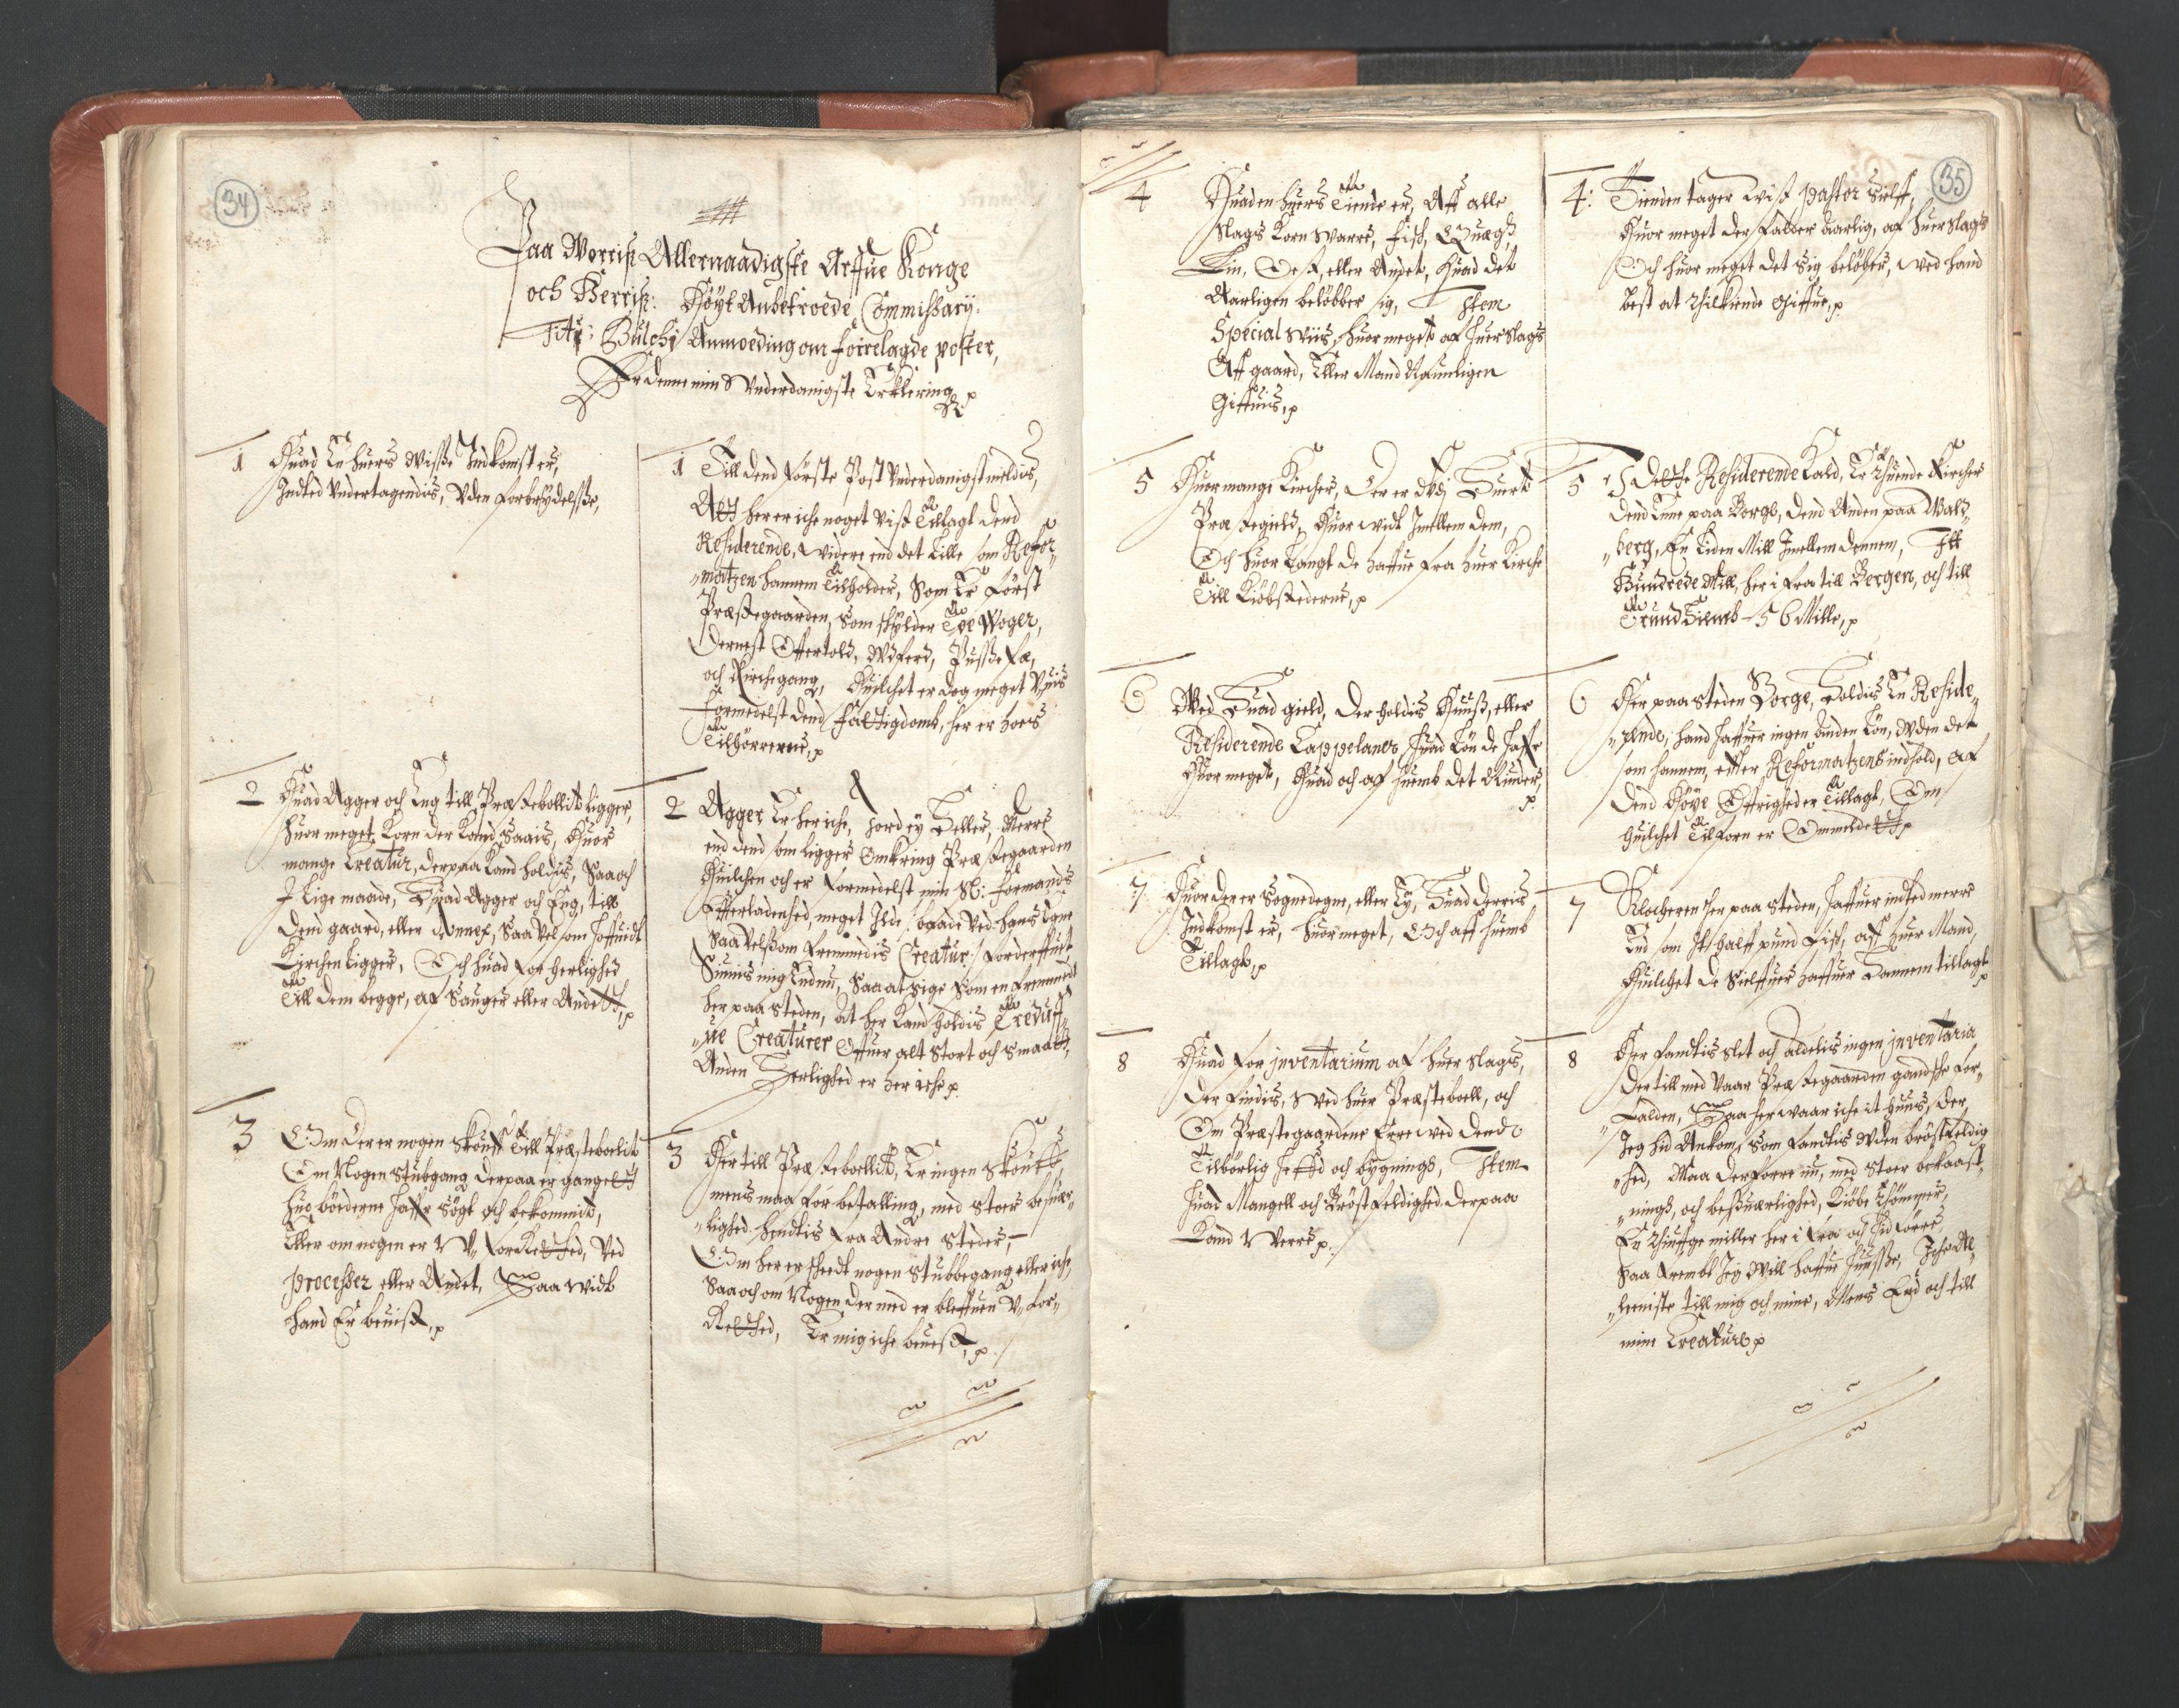 RA, Sogneprestenes manntall 1664-1666, nr. 36: Lofoten og Vesterålen prosti, Senja prosti og Troms prosti, 1664-1666, s. 34-35